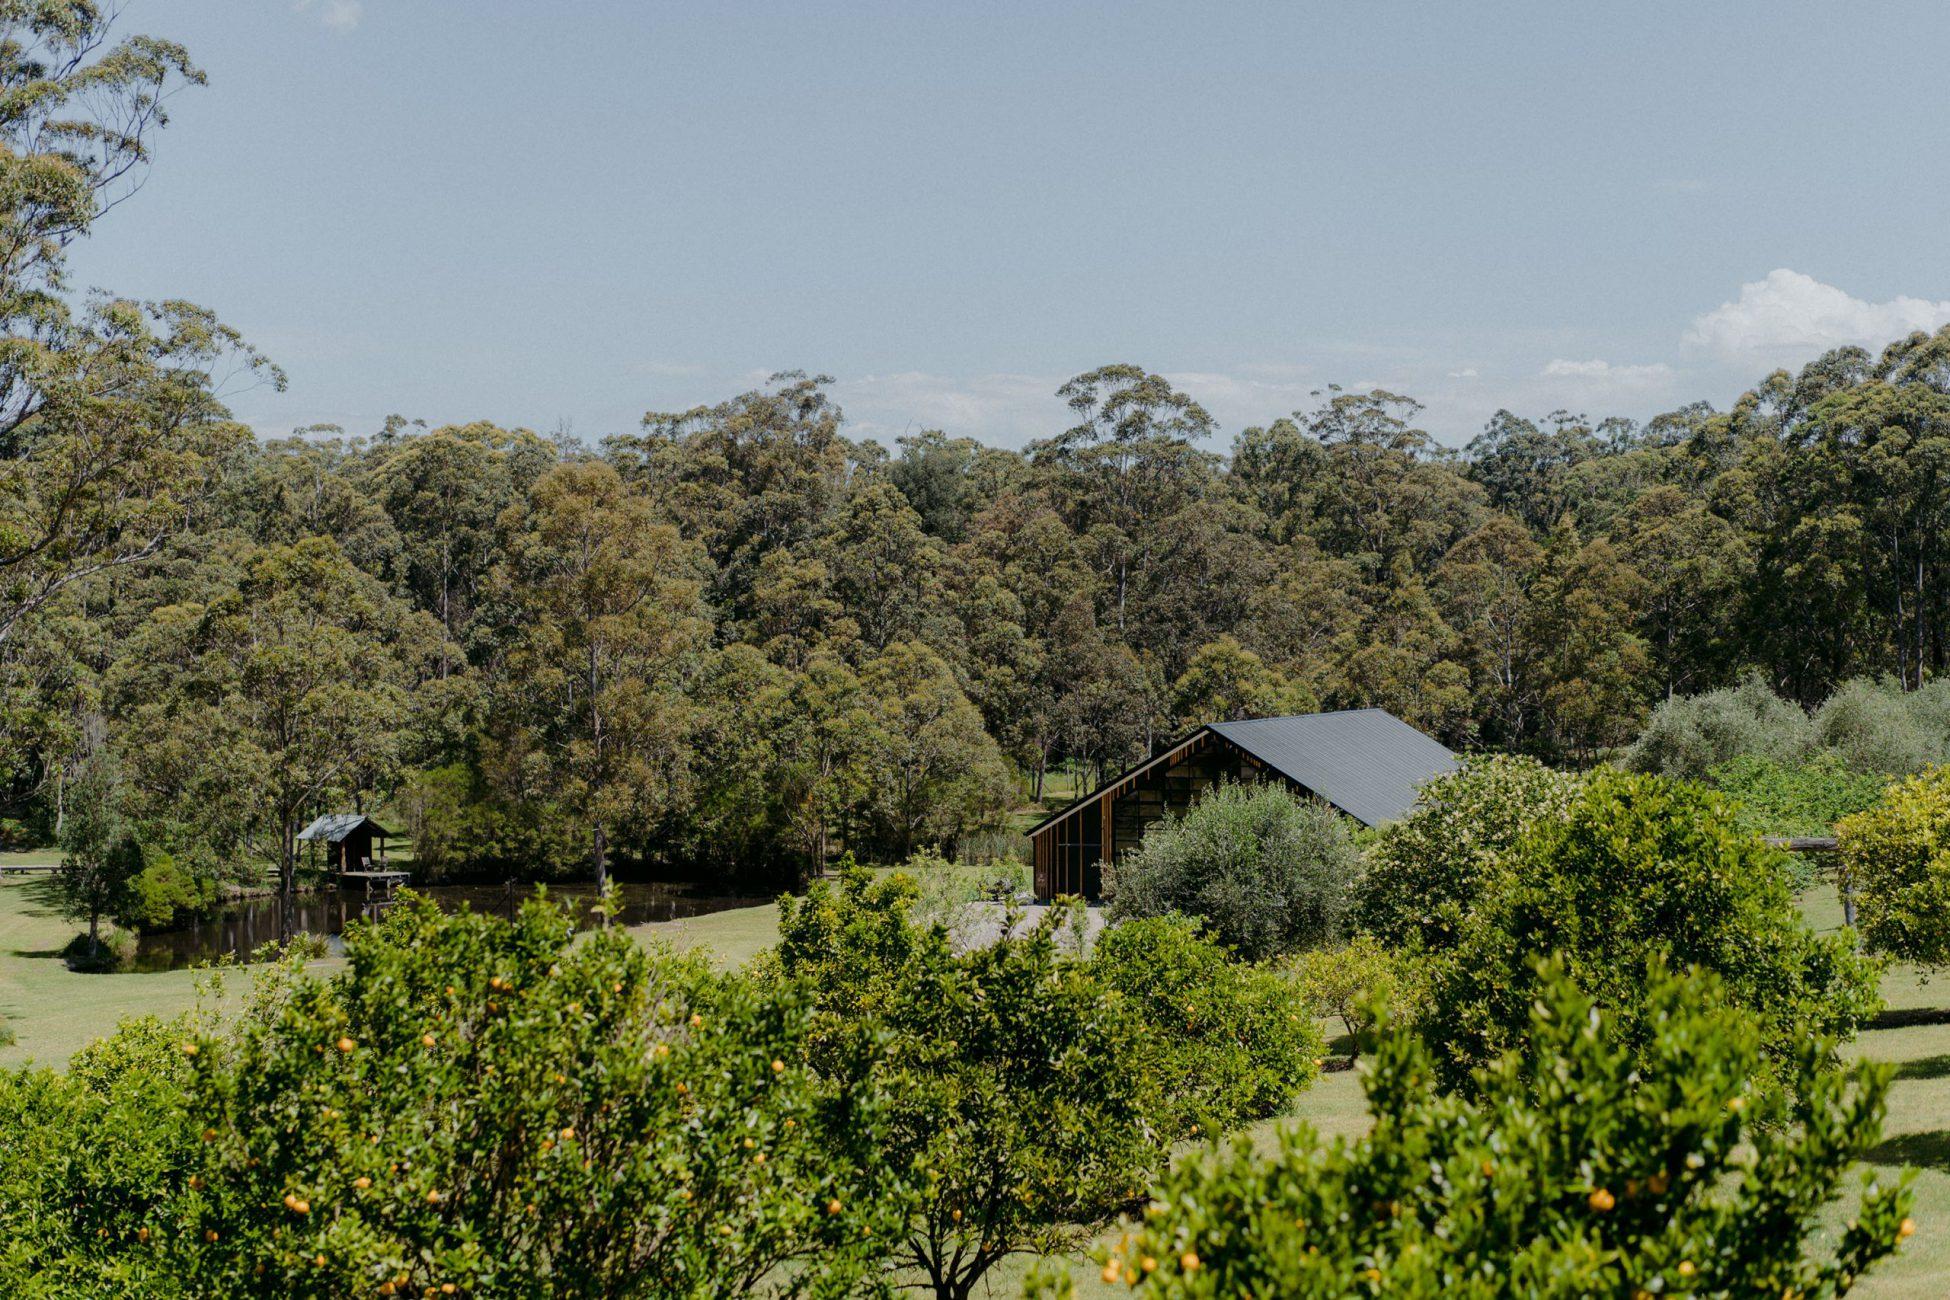 Wedding Destination, NSW on stunning vineyard estate